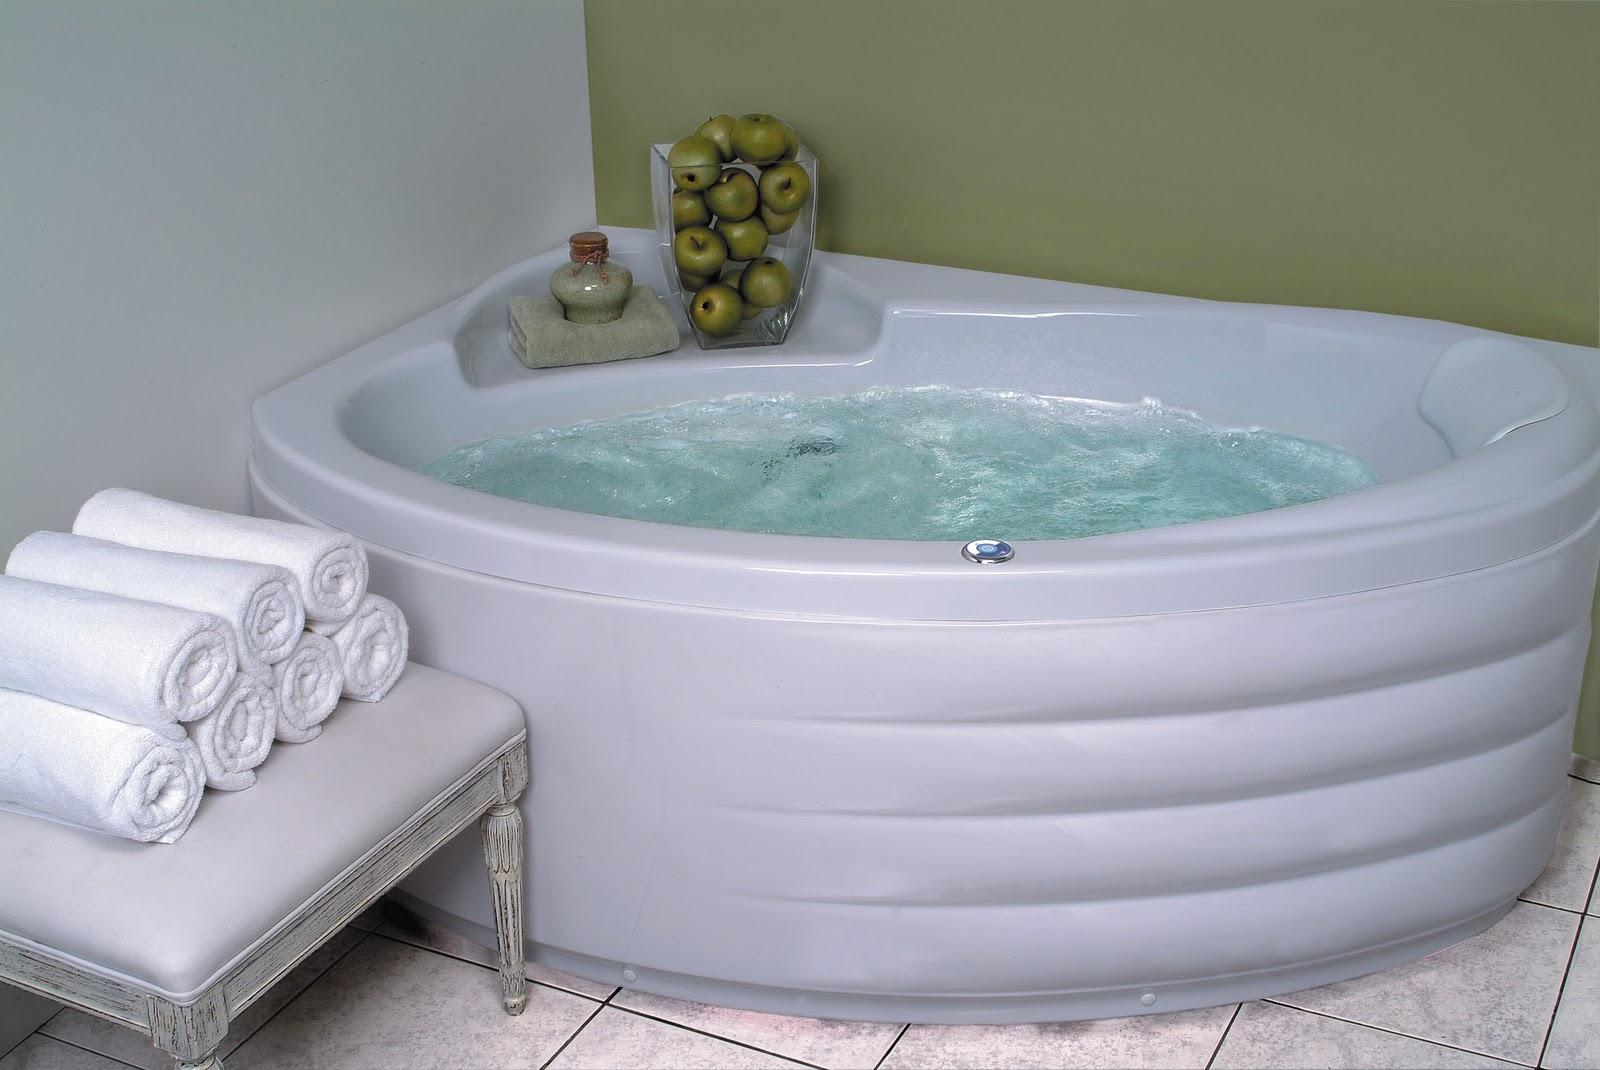 HIDROSHOW & HIDROSHOW: Tipos de banheira: Escolha e Relaxe! #594F38 1600x1070 Banheiro Com Banheira De Canto